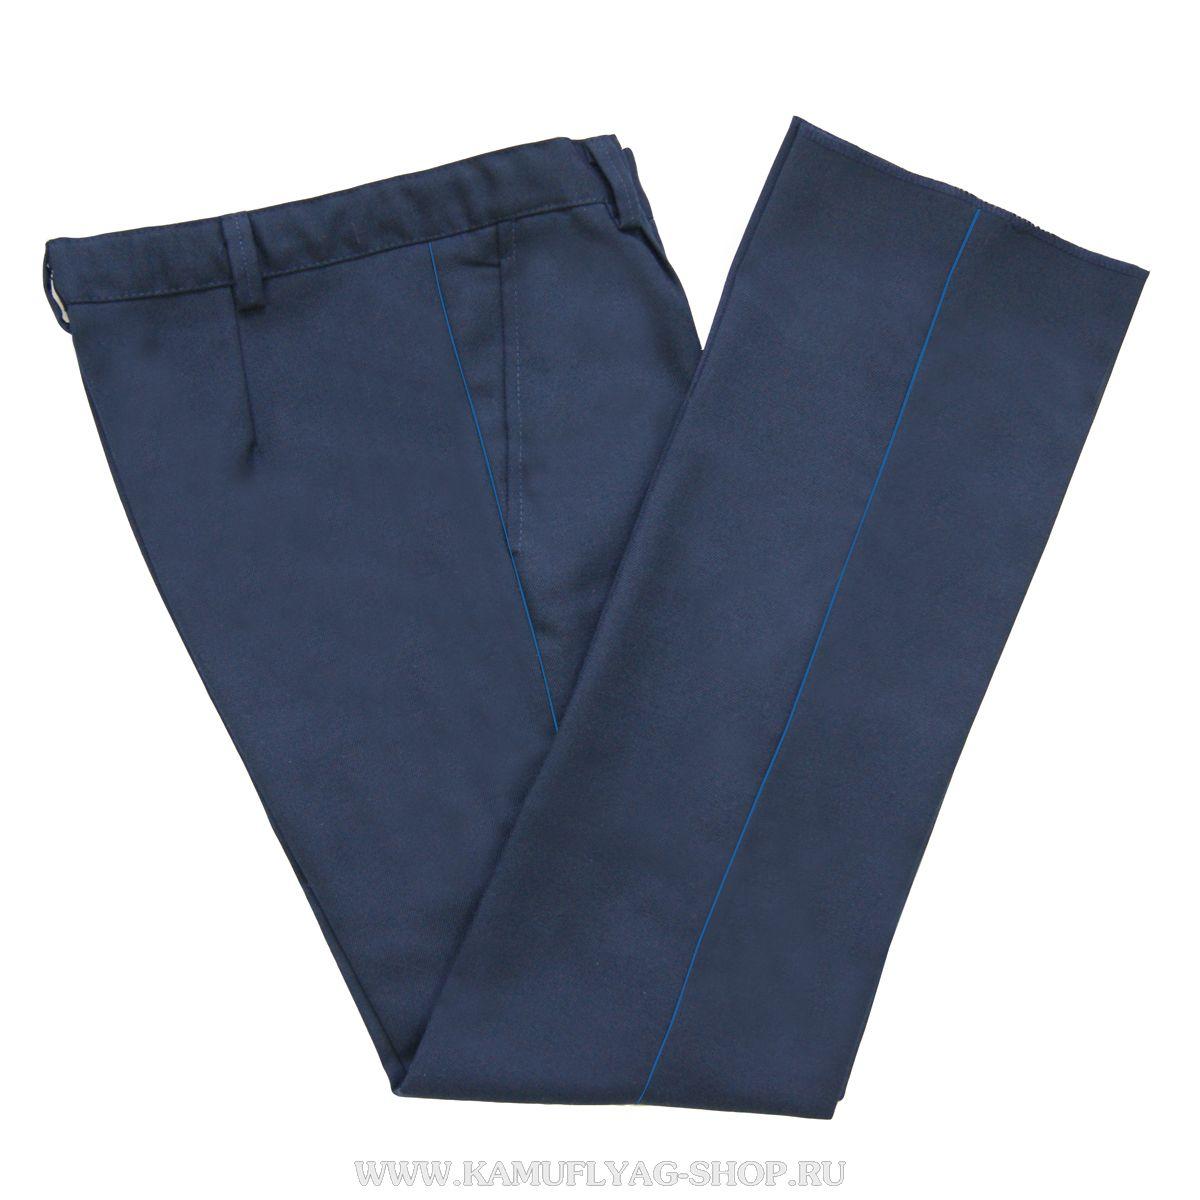 Брюки форменные синие с голубым кантом